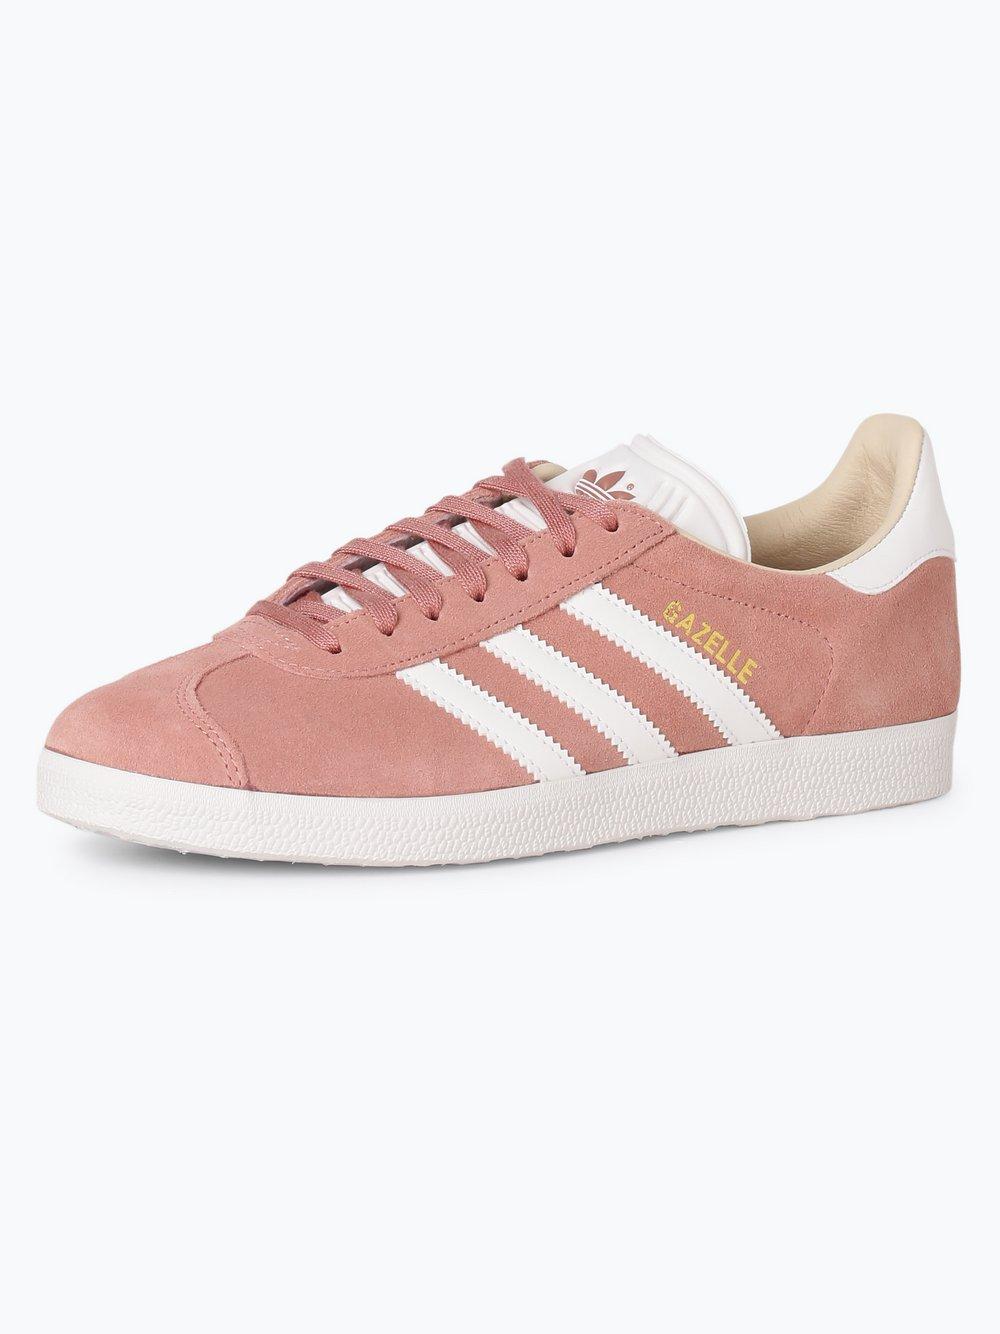 Obraz przedstawiający adidas Originals - Damskie tenisówki ze skóry – Gazelle, różowy